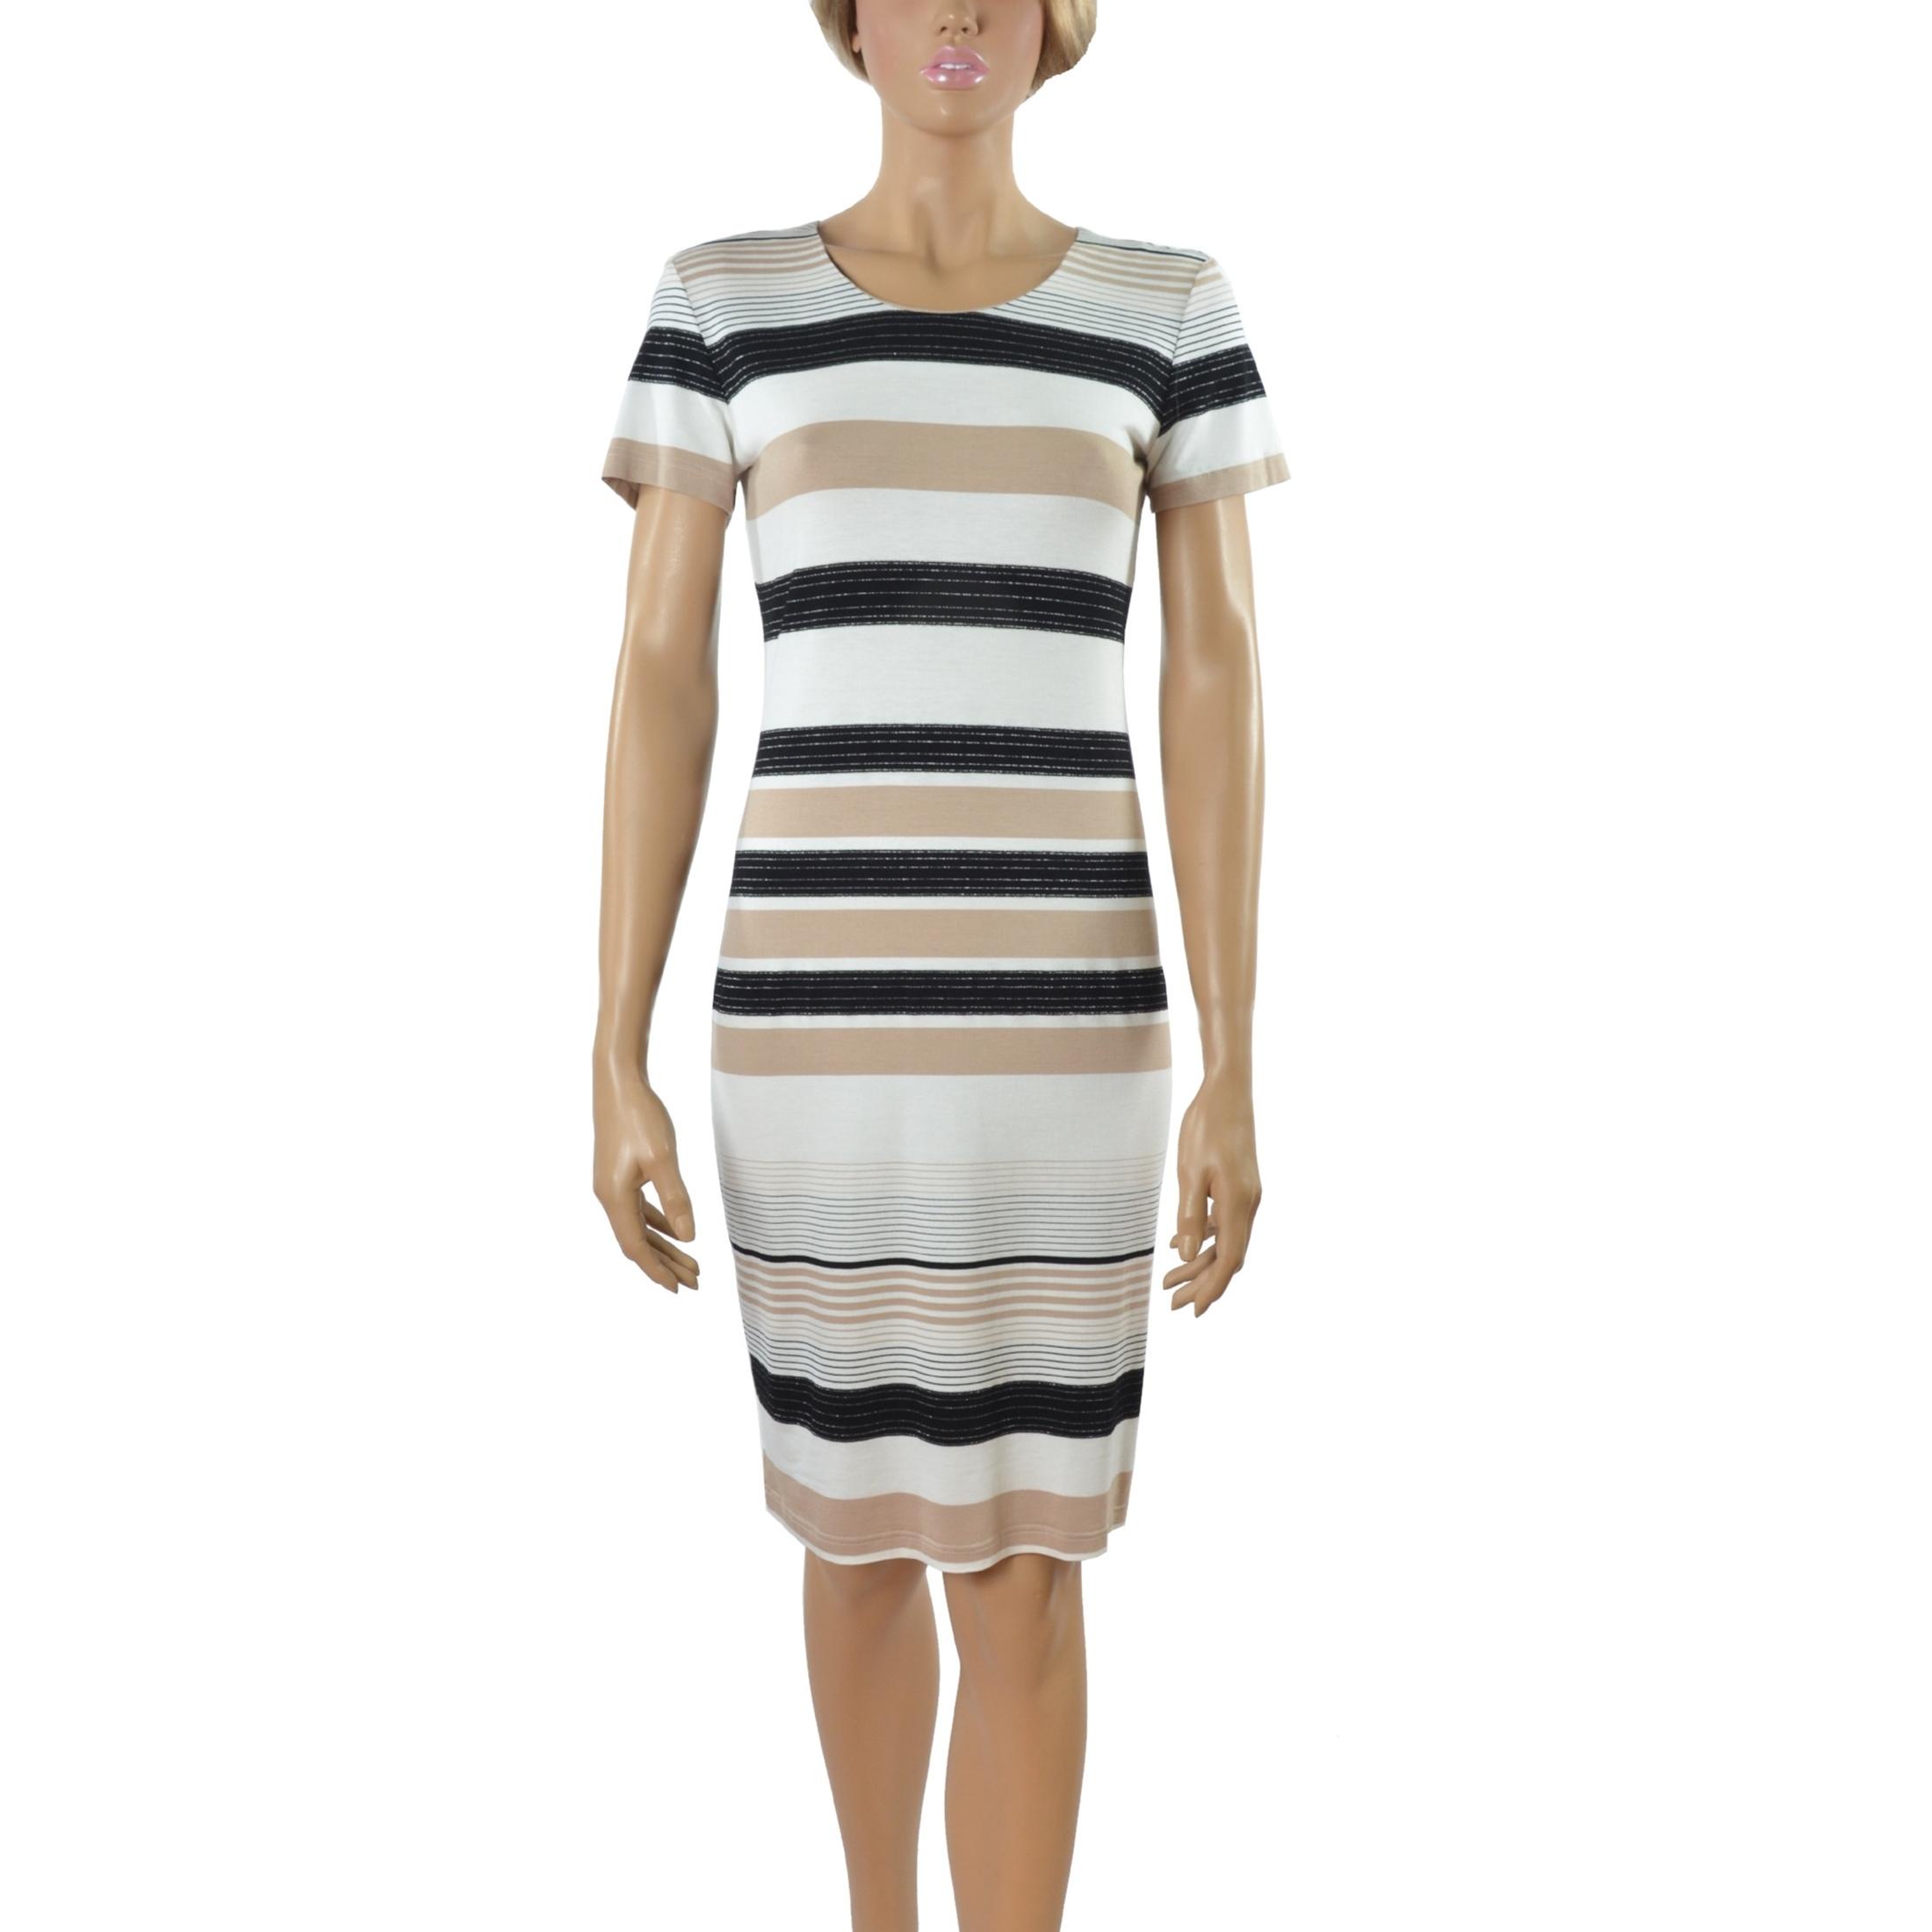 Bild von Women's Dress LADY M - LM451322